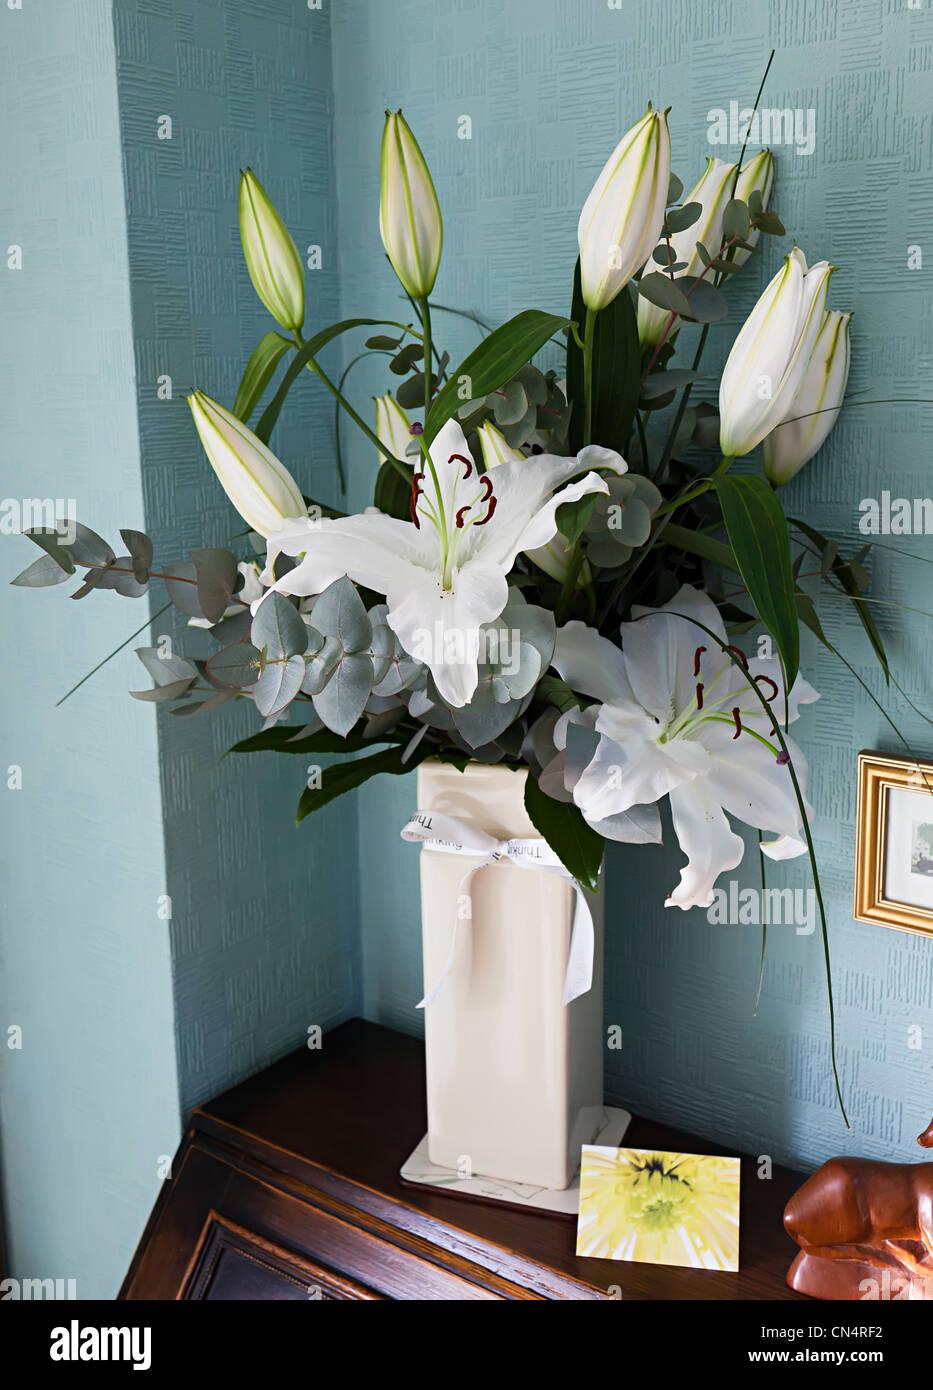 Weiße Lilien in Vase als Beileid nach Trauerfall, Wales, UK Stockbild